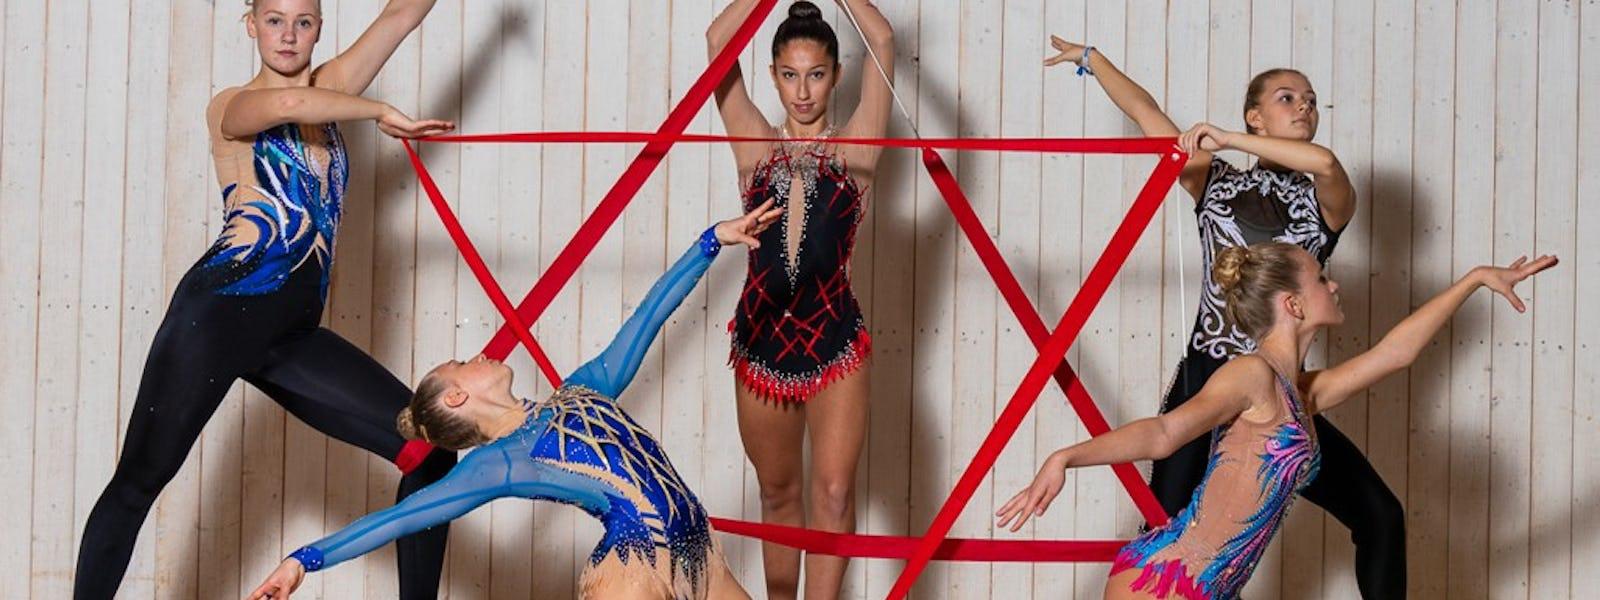 Bild - Rytmisk gymnastik